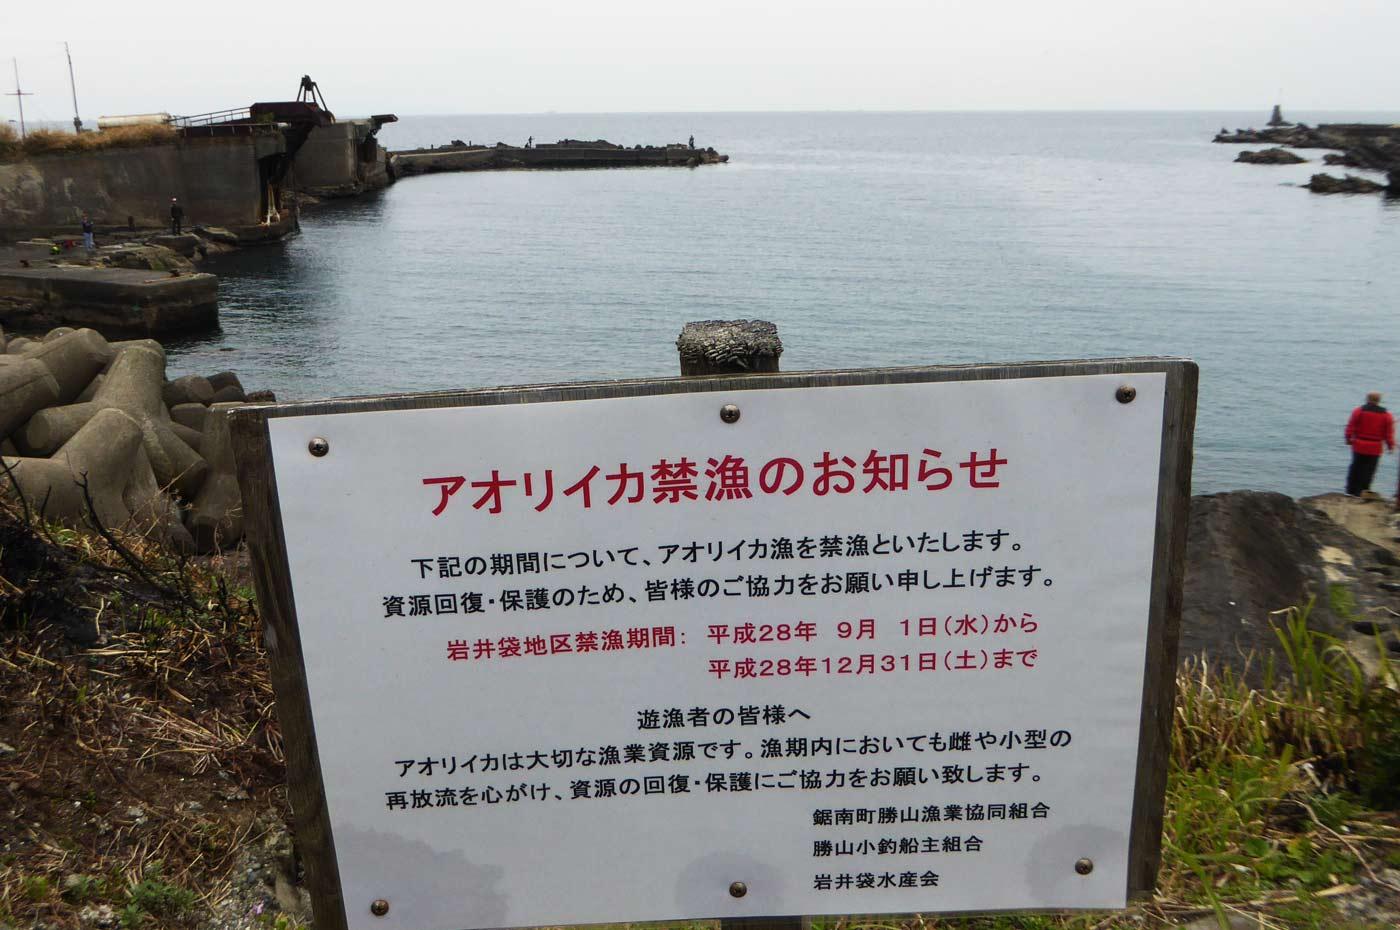 アオリイカ禁漁期間の看板